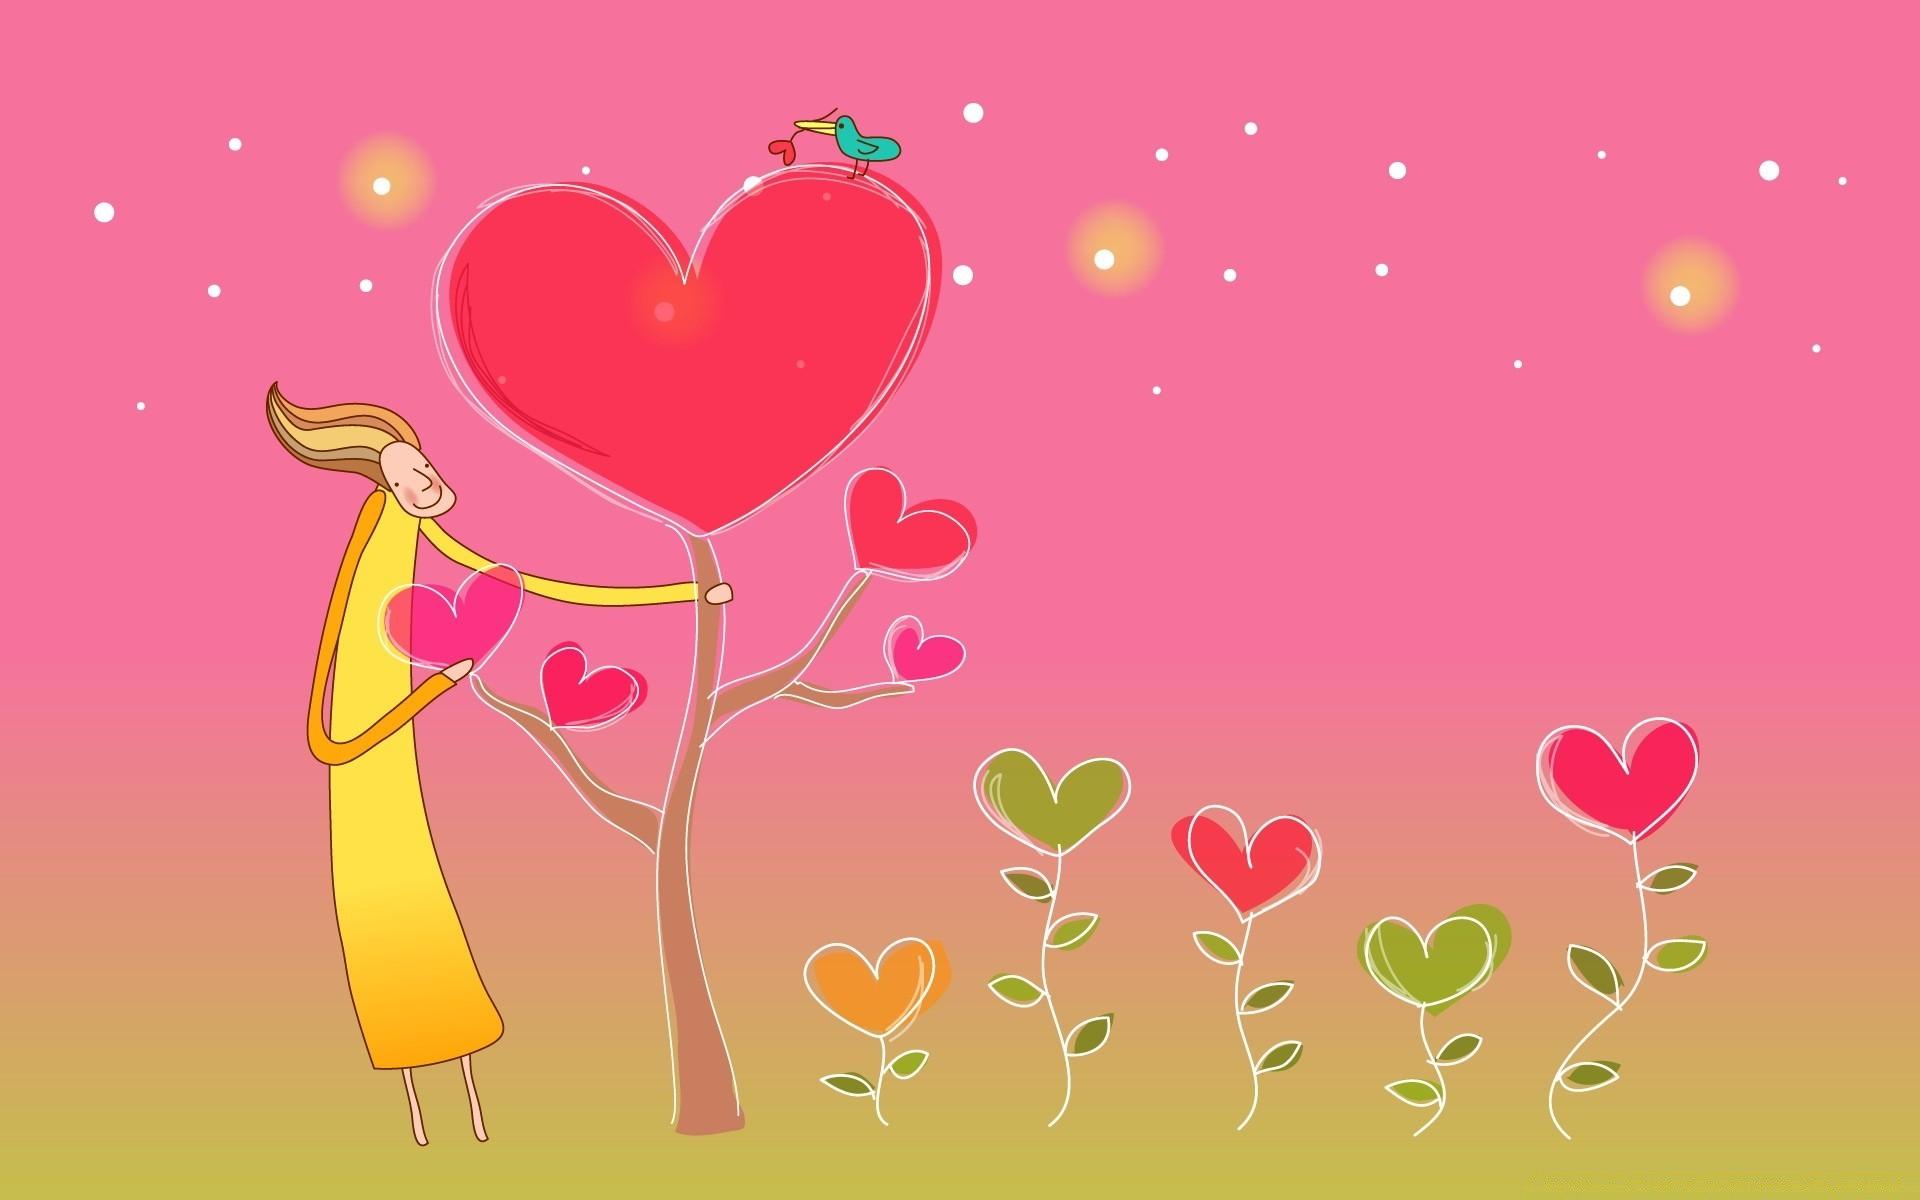 Картинки на день святого валентина прикольные на сердечки, для открытки марта